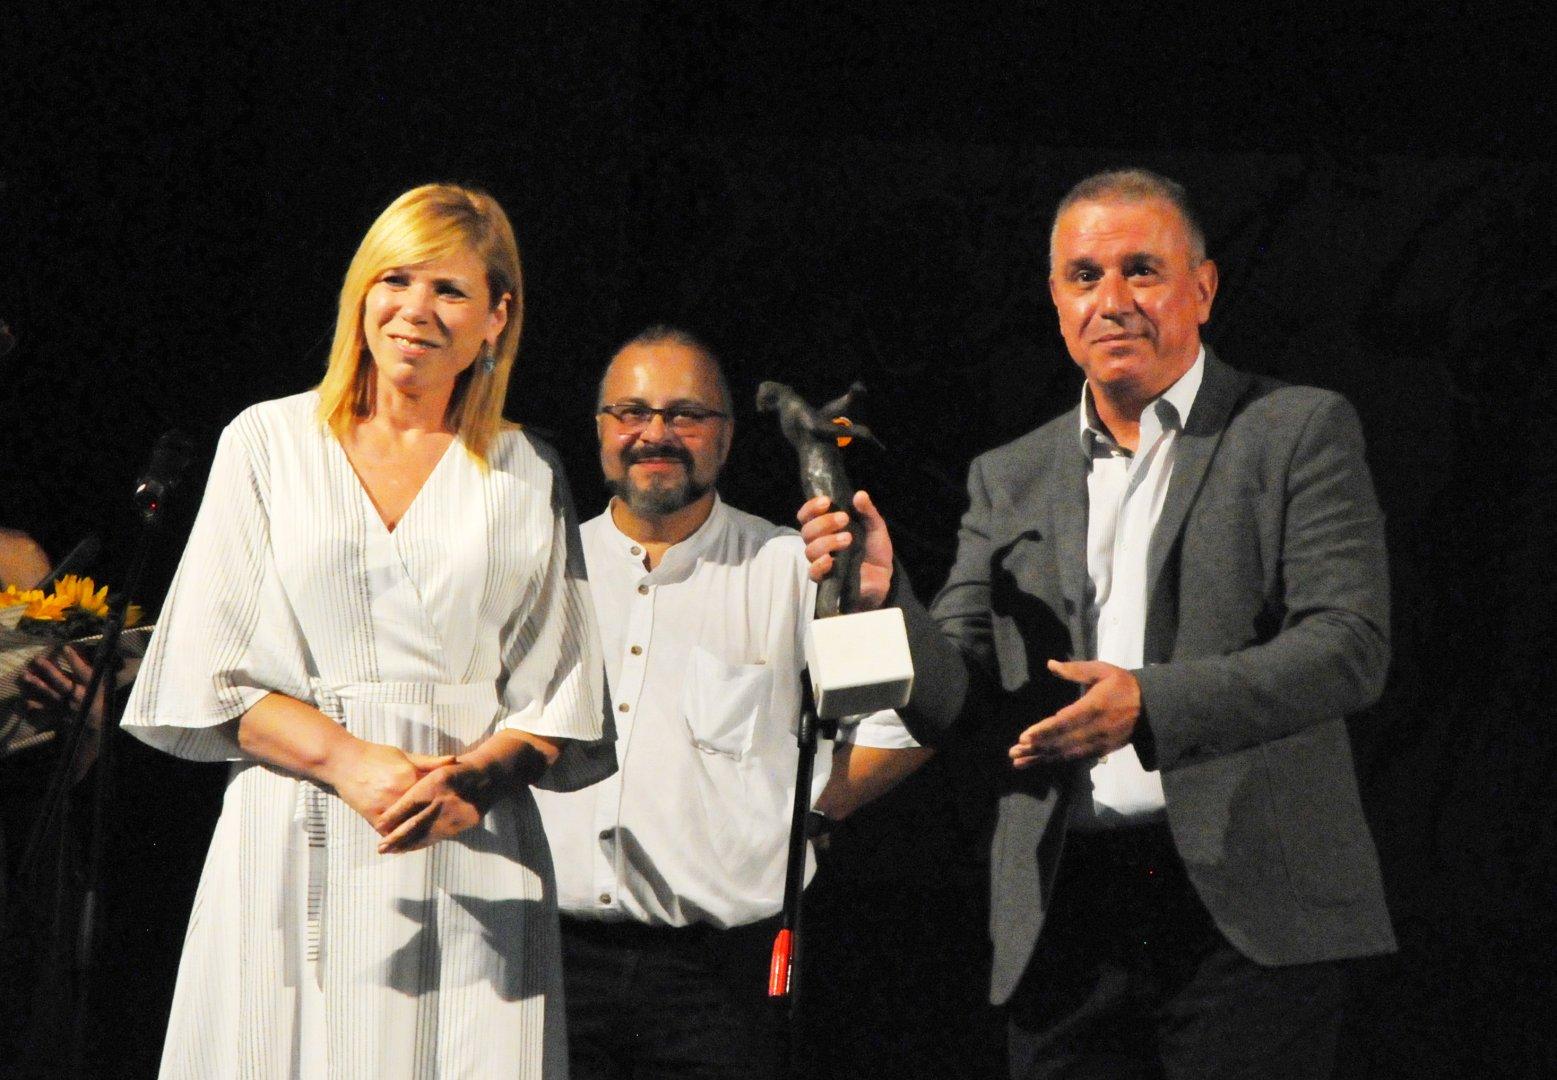 Зам.-кметът по култура Диана Саватева връчи статуетката на проф.д-р Ивайло Кринчев, носител на приза Емил Чакъров за 2020 година. Снимки Черноморие-бг